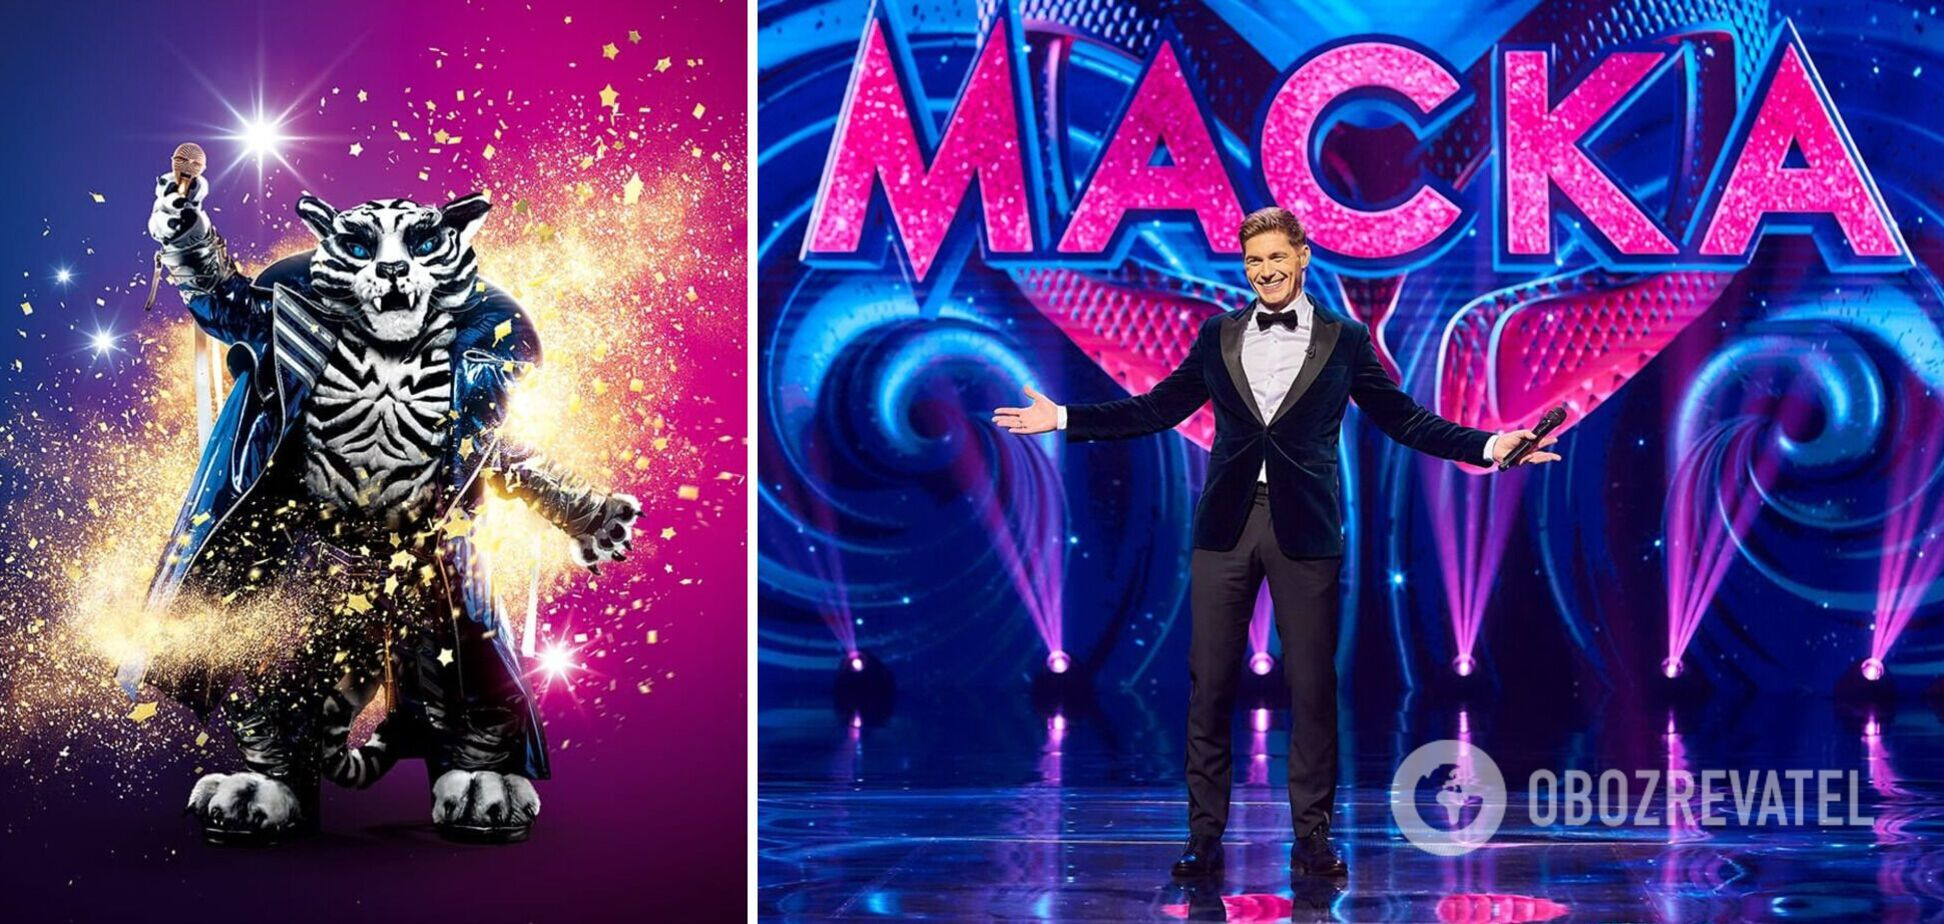 Два метри заввишки і три шари одягу: чим унікальний новий персонаж на шоу 'Маска' Тигр